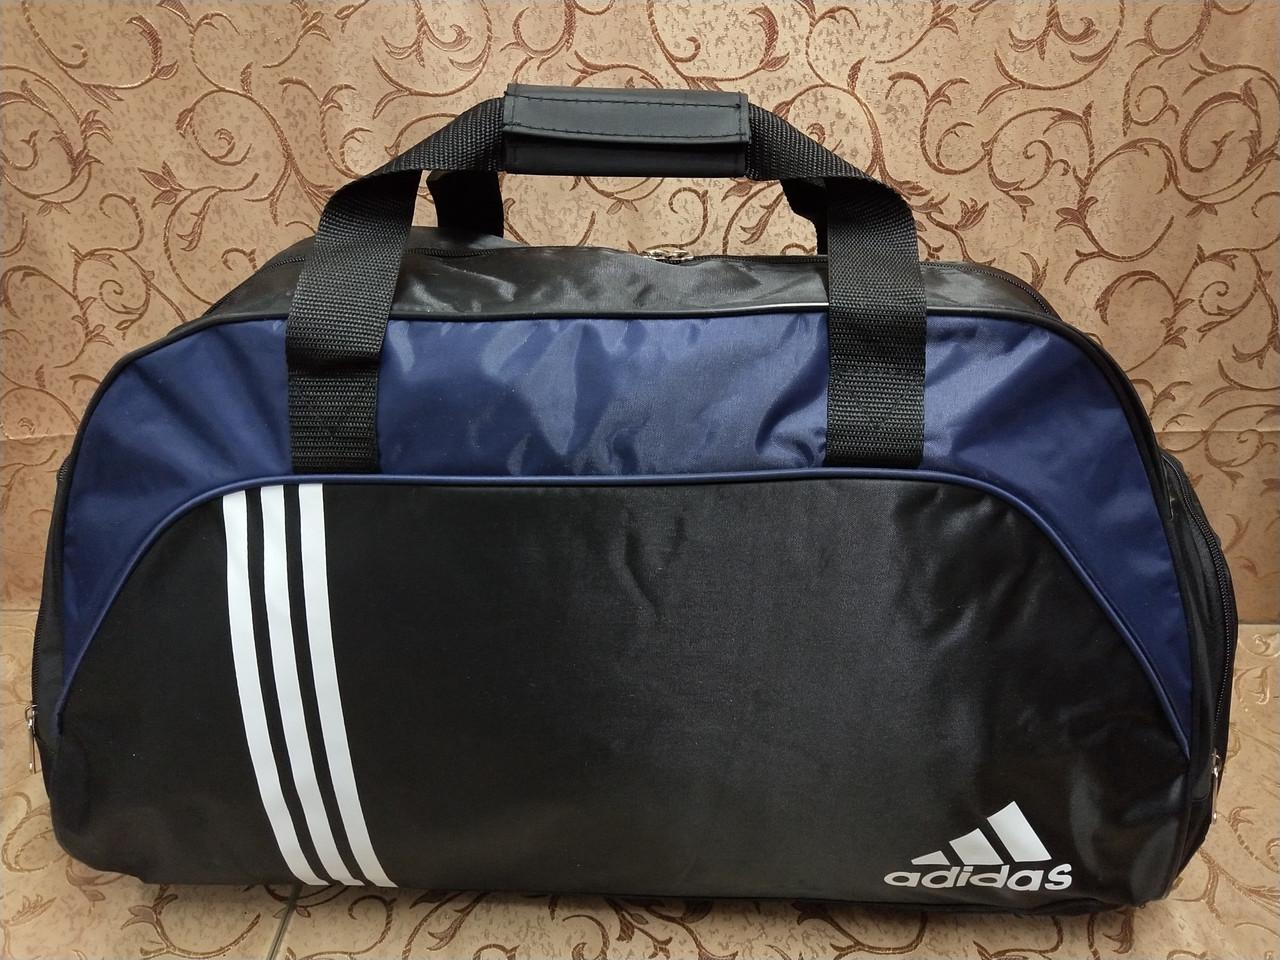 15e4bb06abe4 (30*50-маленький)Спортивная дорожная сумка adidas только оптом - интернет  магазин